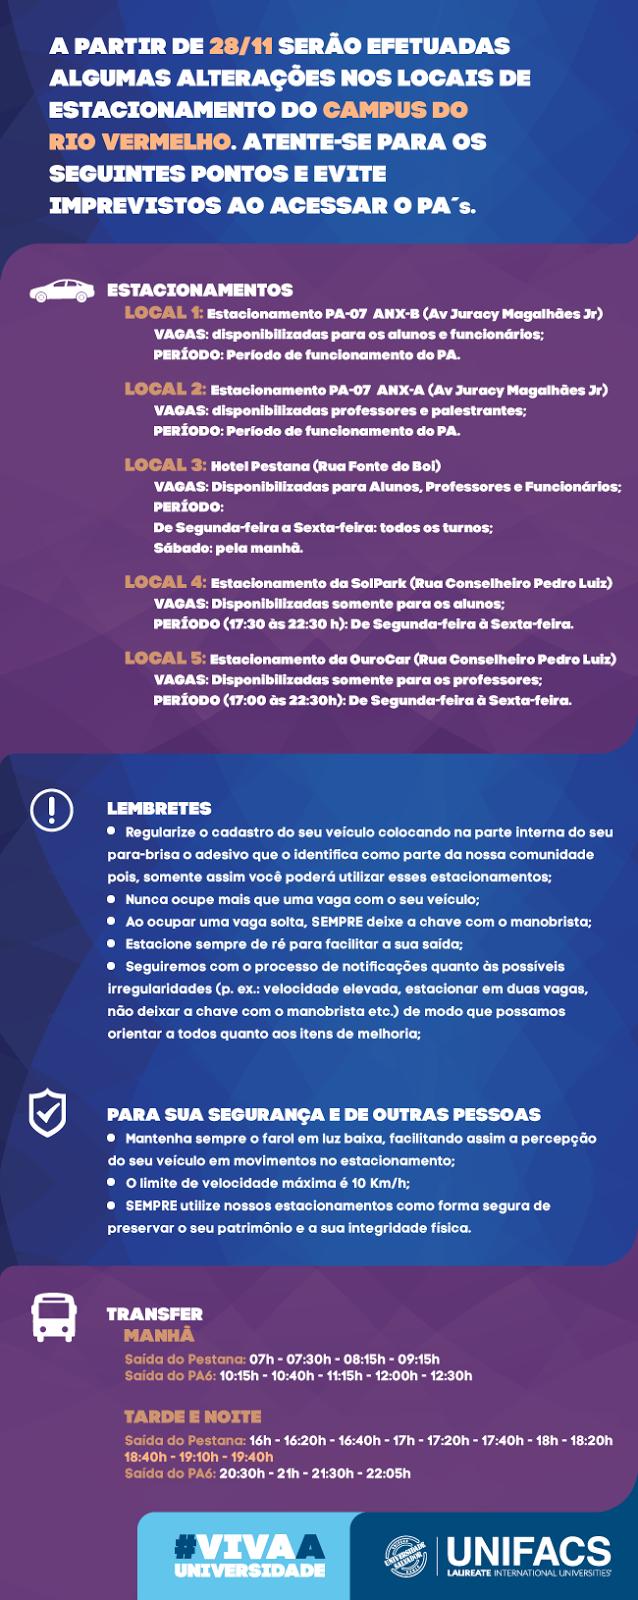 Unifacs divulga alteração de estacionamento no Campus do Rio Vermelho